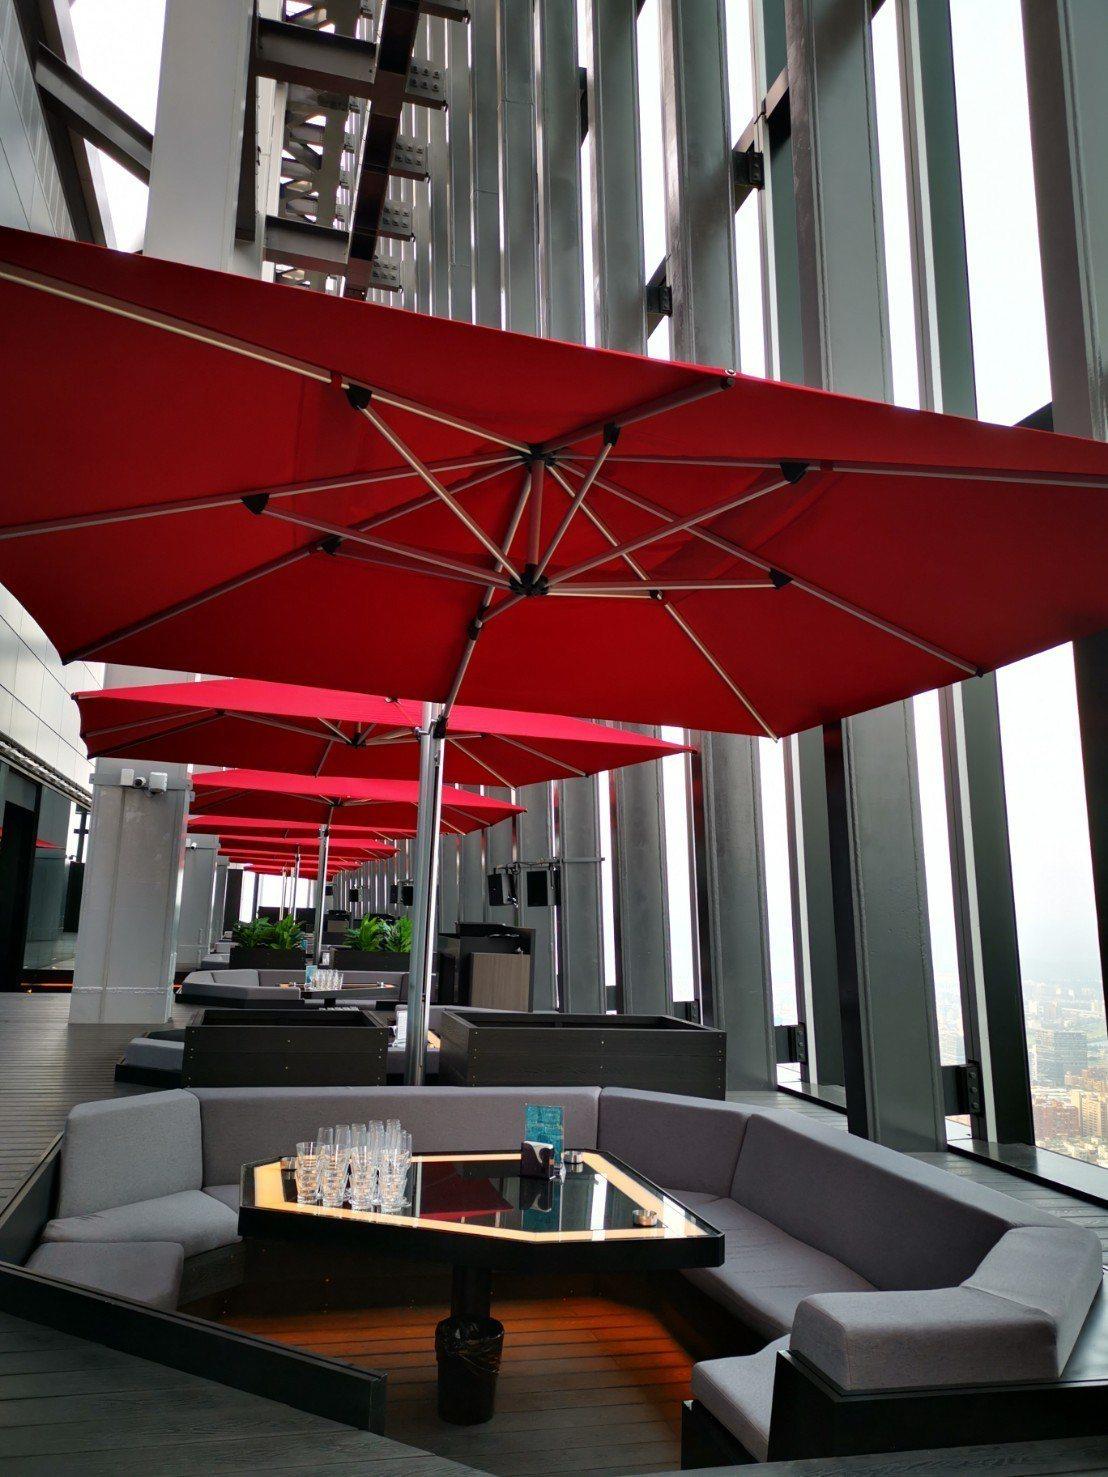 CÉ LA VI Taipei有大量的戶外空間,適合三五好友飲酒狂歡。記者韓化宇...